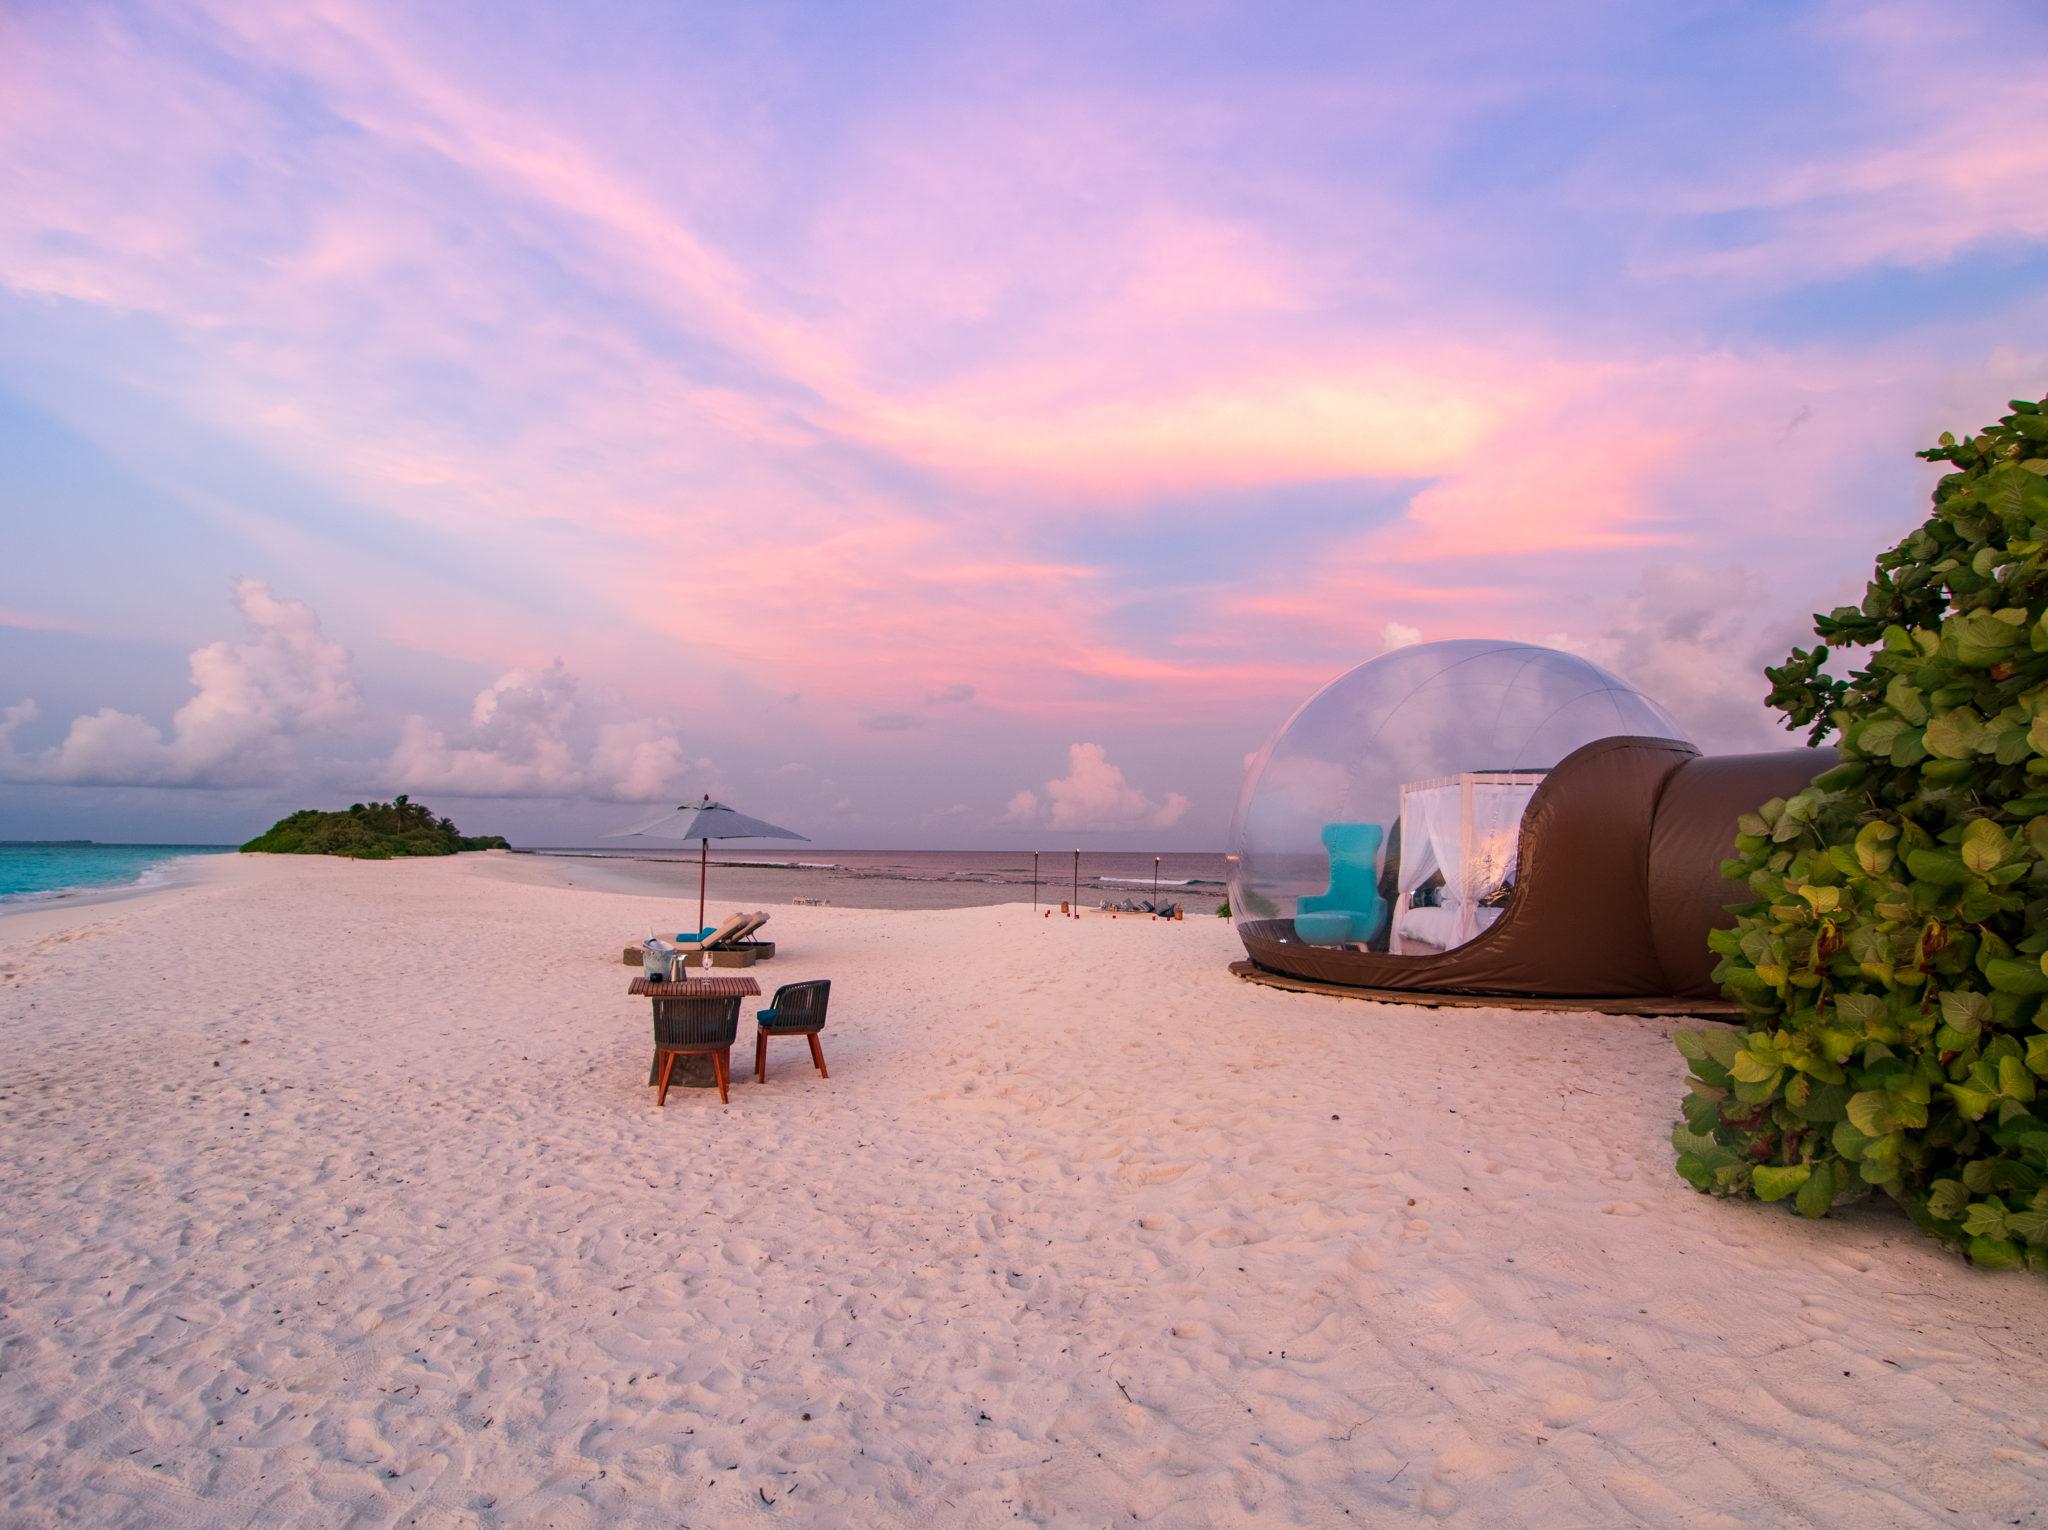 Strand des Finolhu Resorts mit Beach Bubble Tent und Tisch am Strand